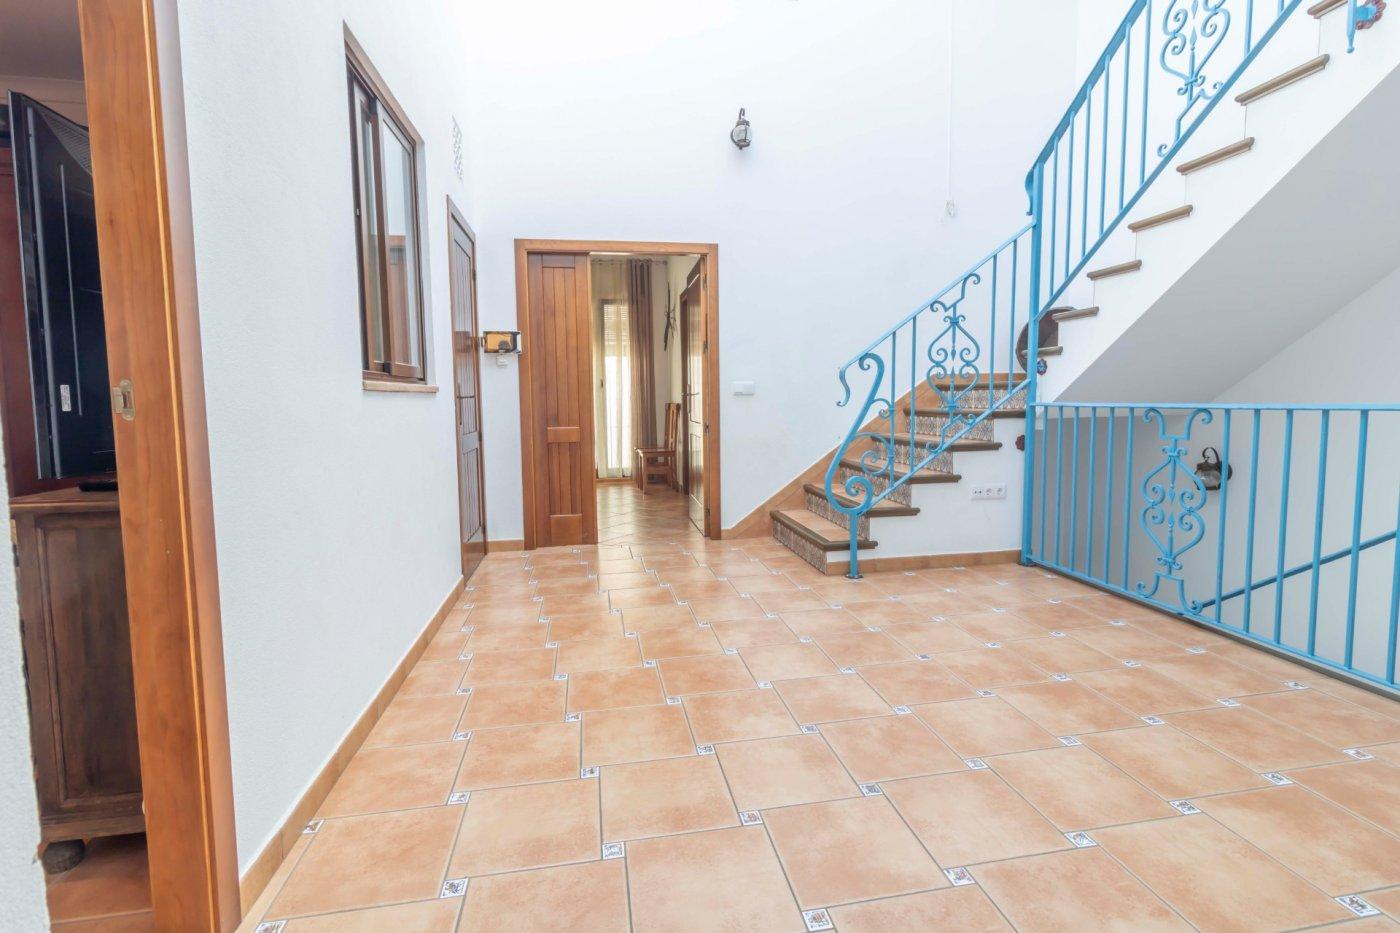 Casa de reciente construccion a la venta en carmona - imagenInmueble8